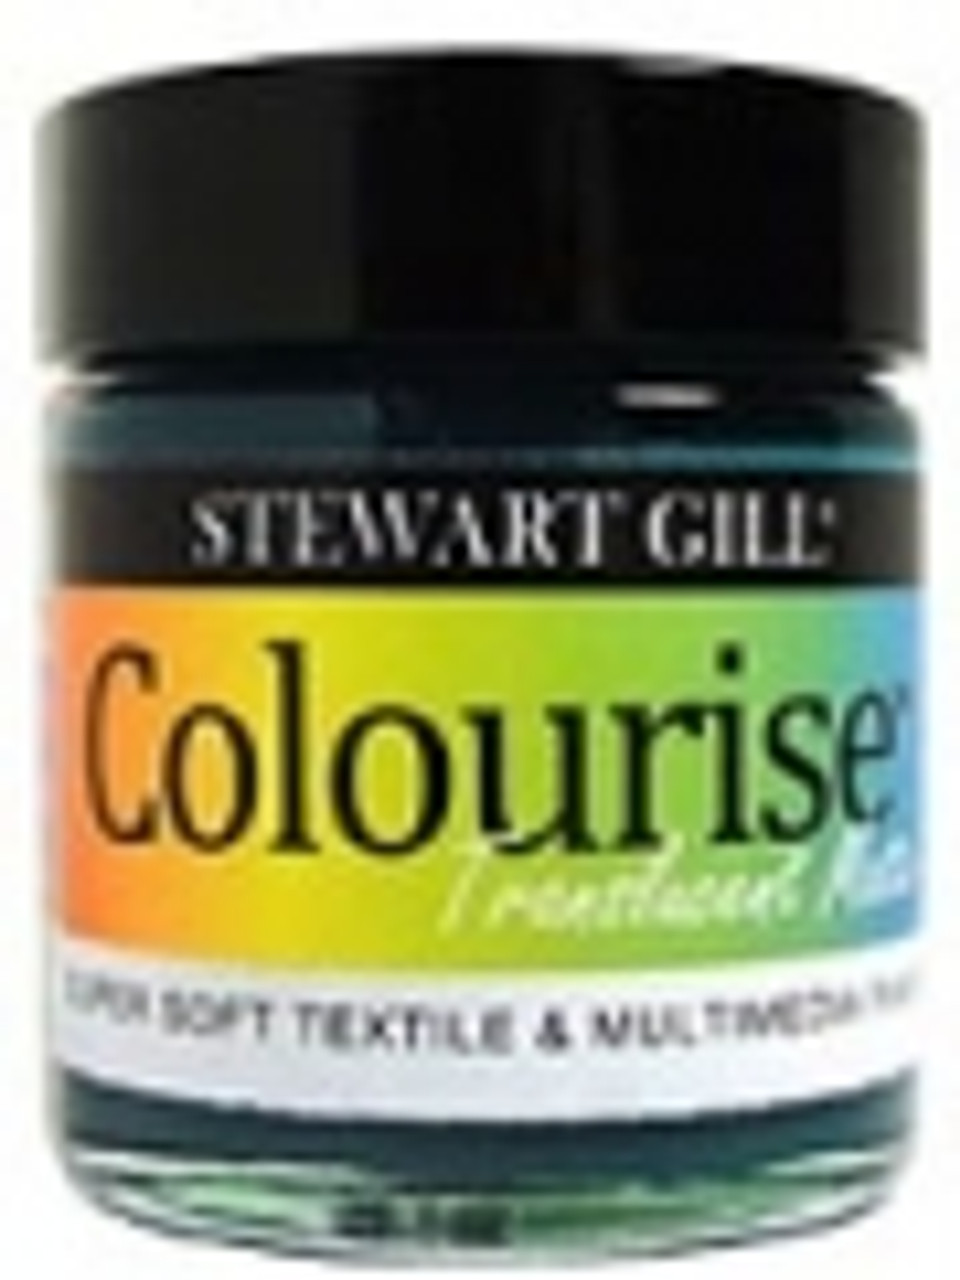 Colourise (TM)